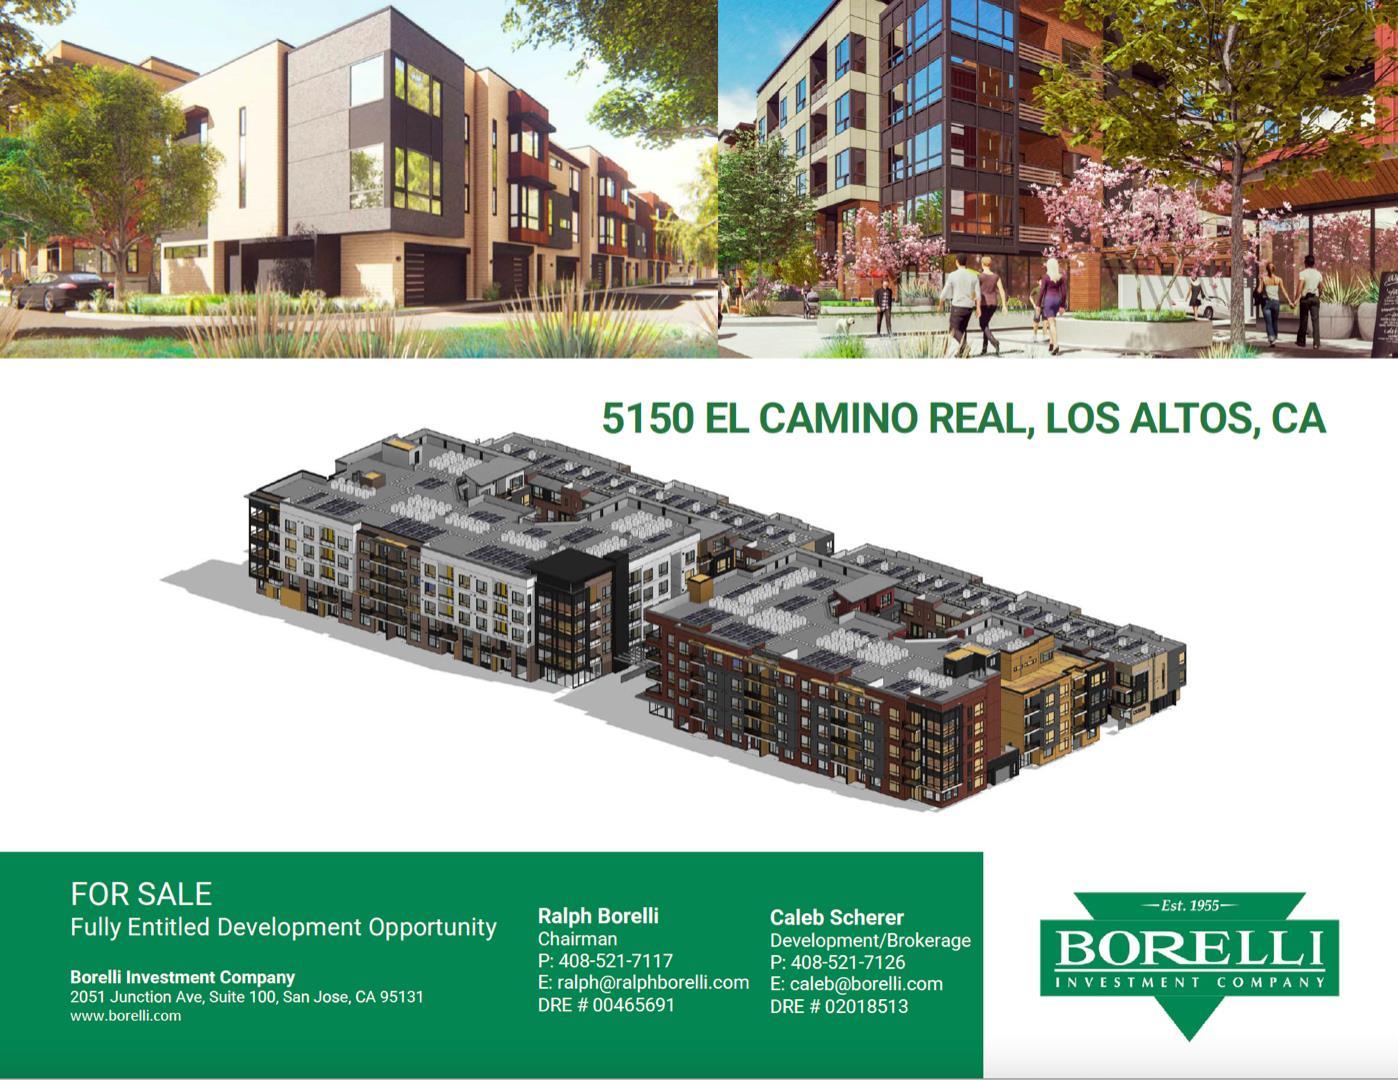 5150 El Camino Real Los Altos CA 94022